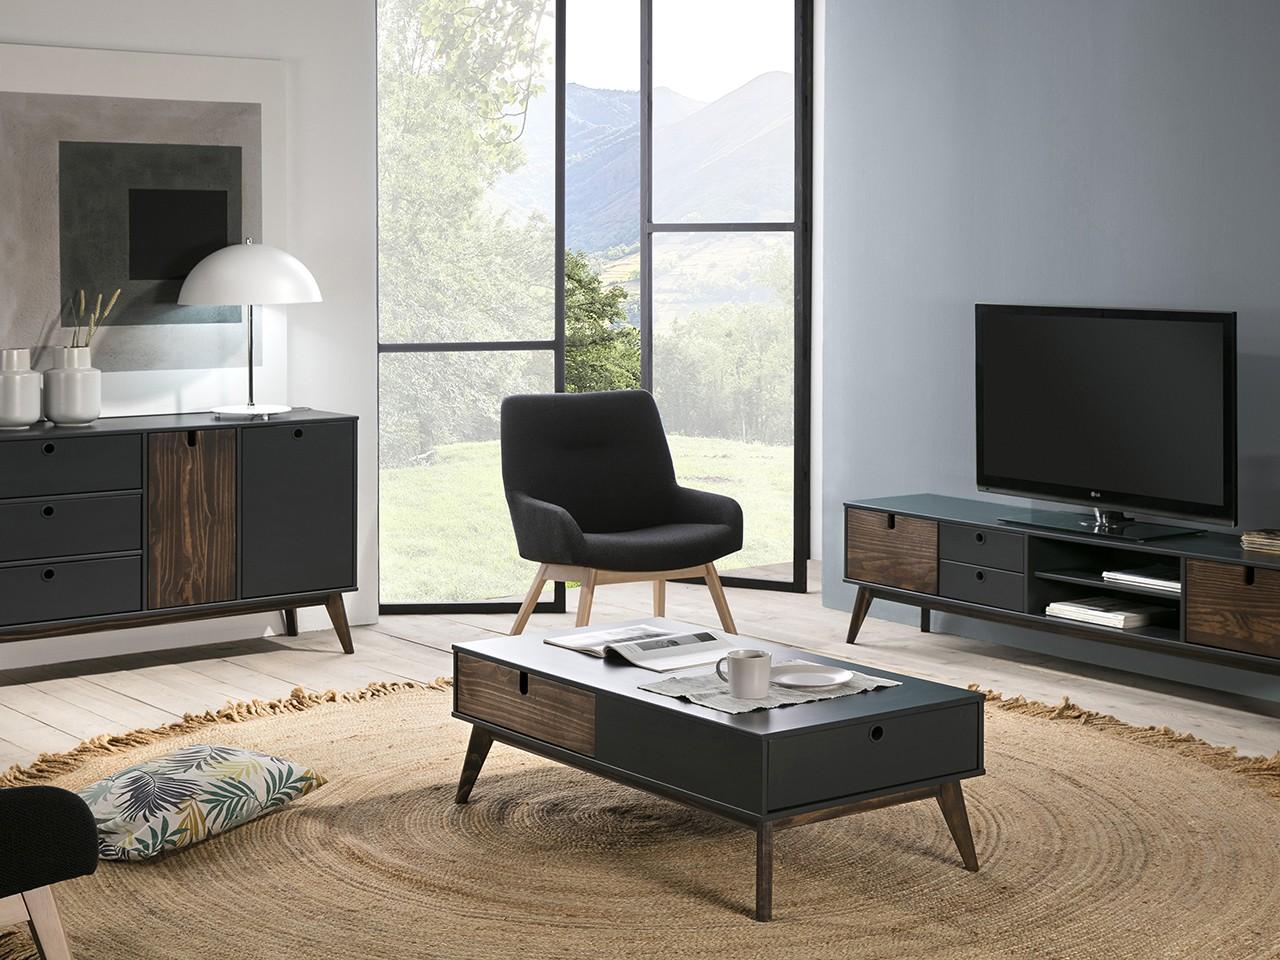 Comprar Muebles Cocina Baratos. Muebles De Cocina Asturias Y En O Y ...